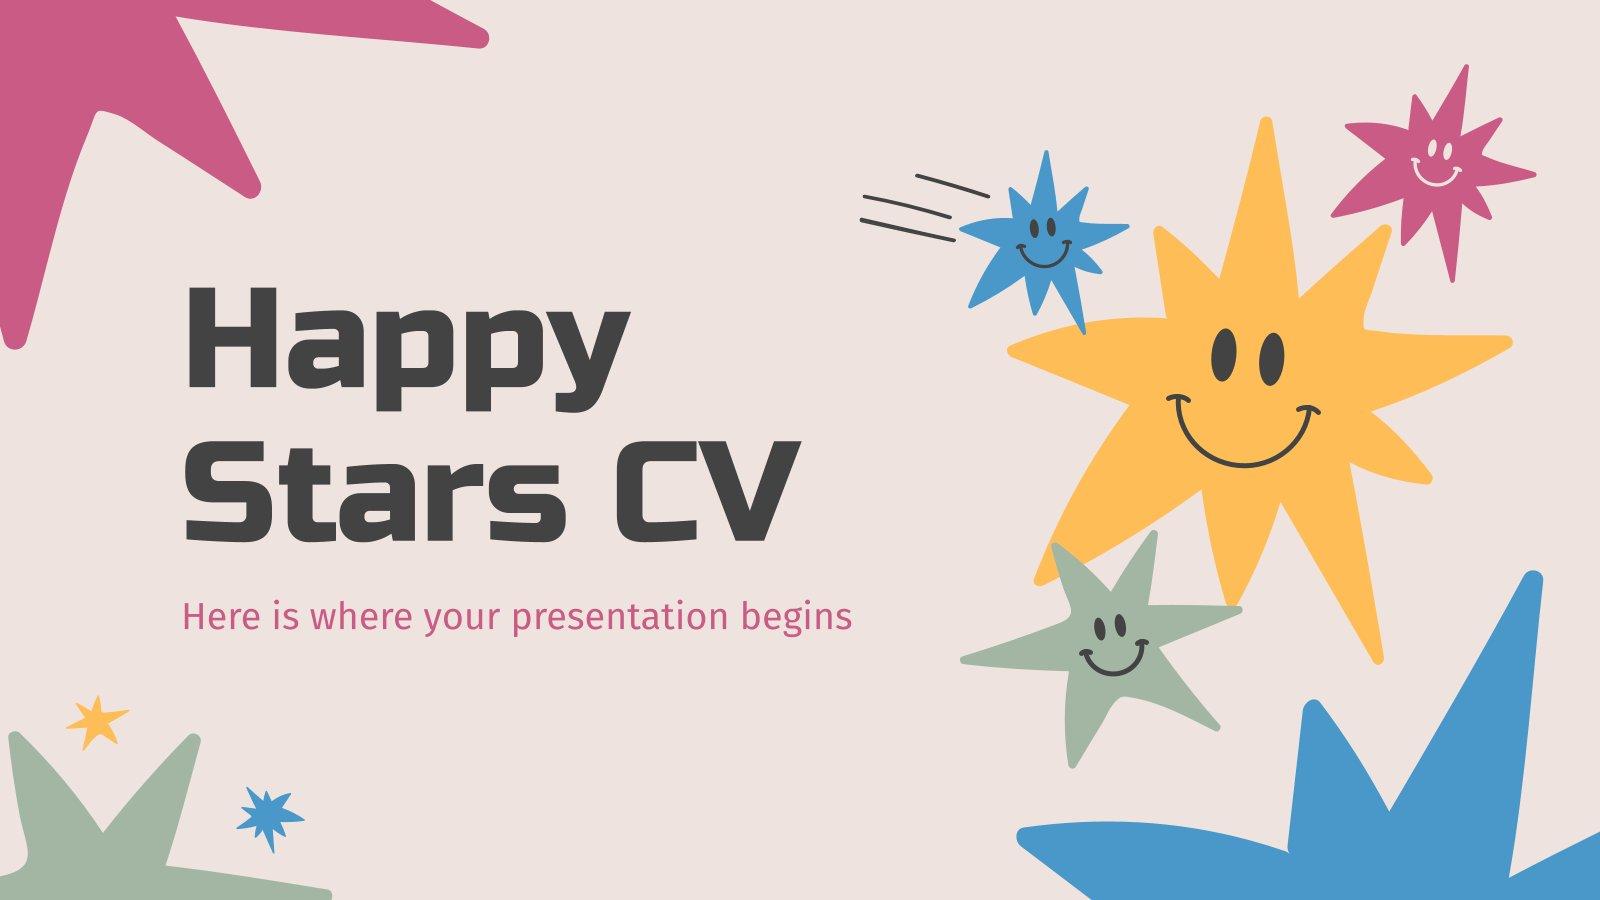 CV des étoiles heureuses : Modèles de présentation